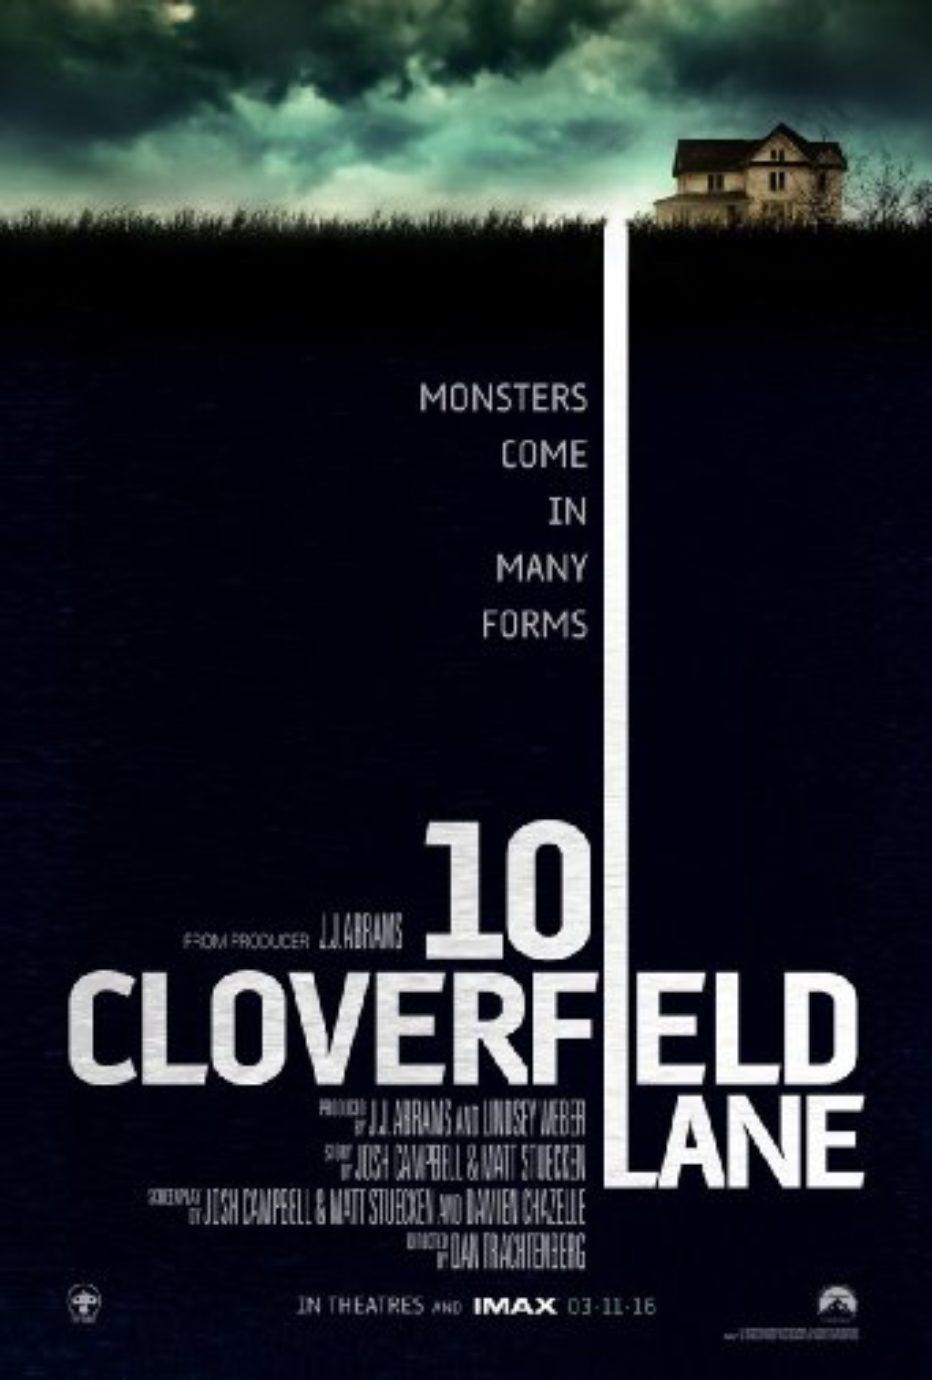 Super Bowl '16: 10 Cloverfield Lane Tv Spot